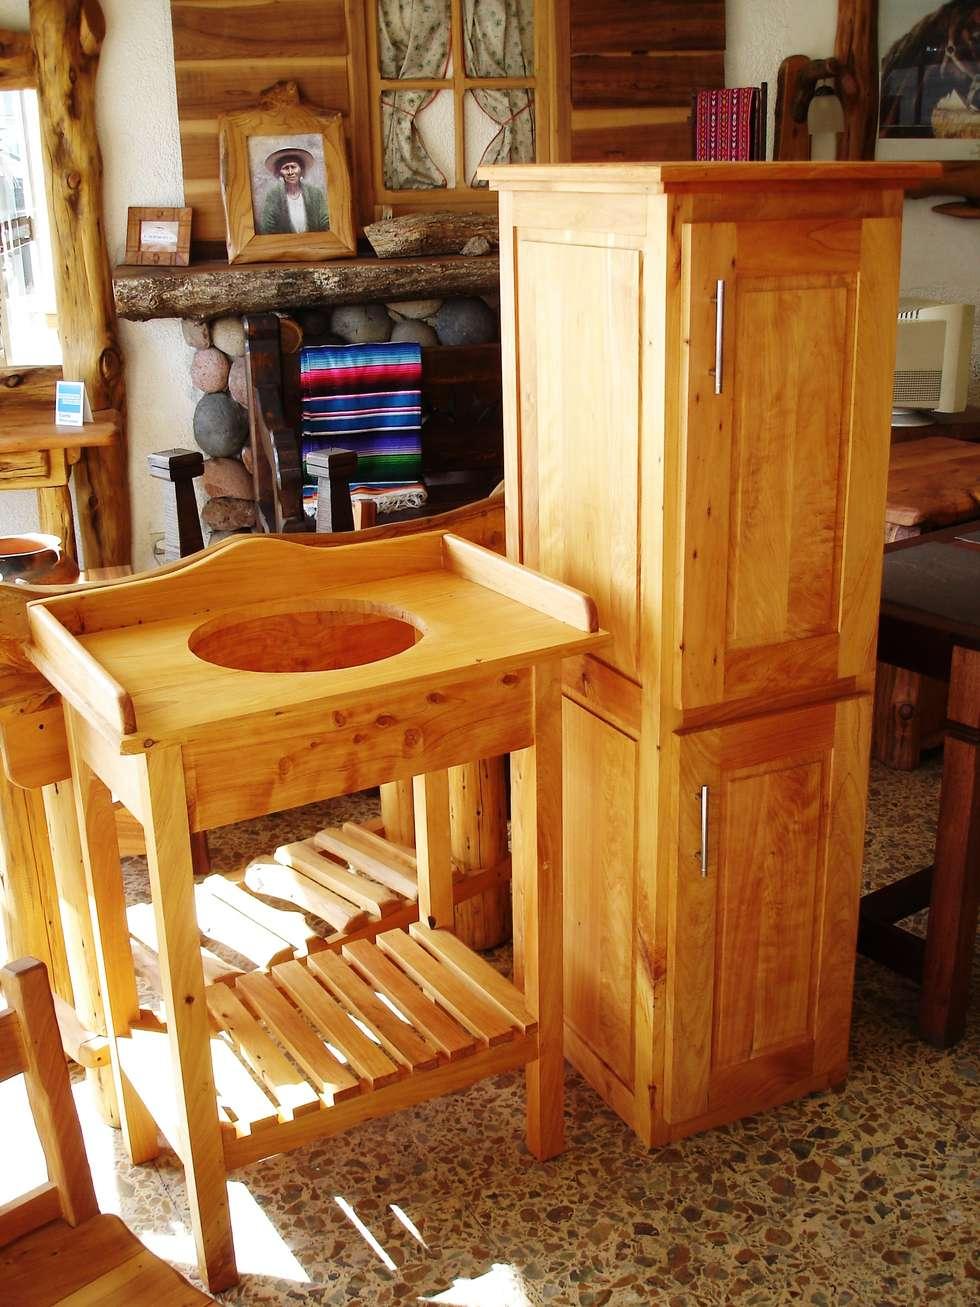 Im genes de decoraci n y dise o de interiores homify - Muebles artesanales de madera ...